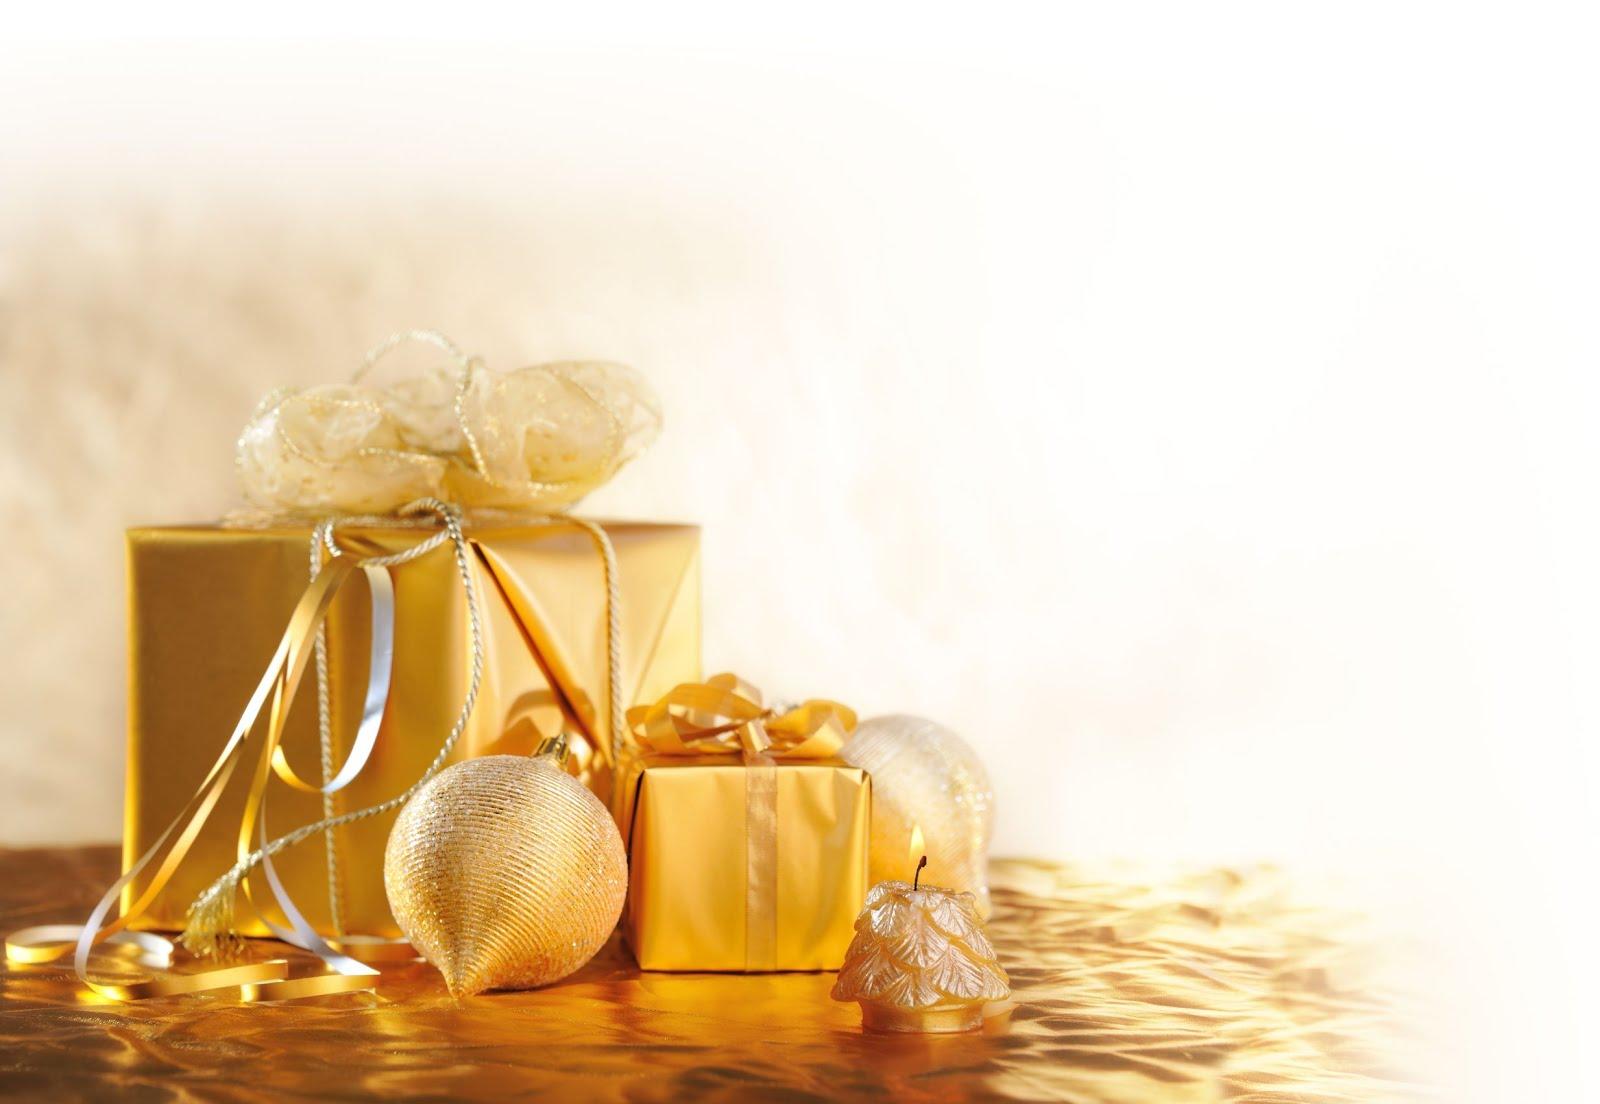 http://3.bp.blogspot.com/-bbXLDM0HVyM/UMvaEsQjtuI/AAAAAAABXkM/cc5S_u1rrKY/s1600/adornos-navide%25C3%25B1os-esferas-y-regalos-dorados.jpg